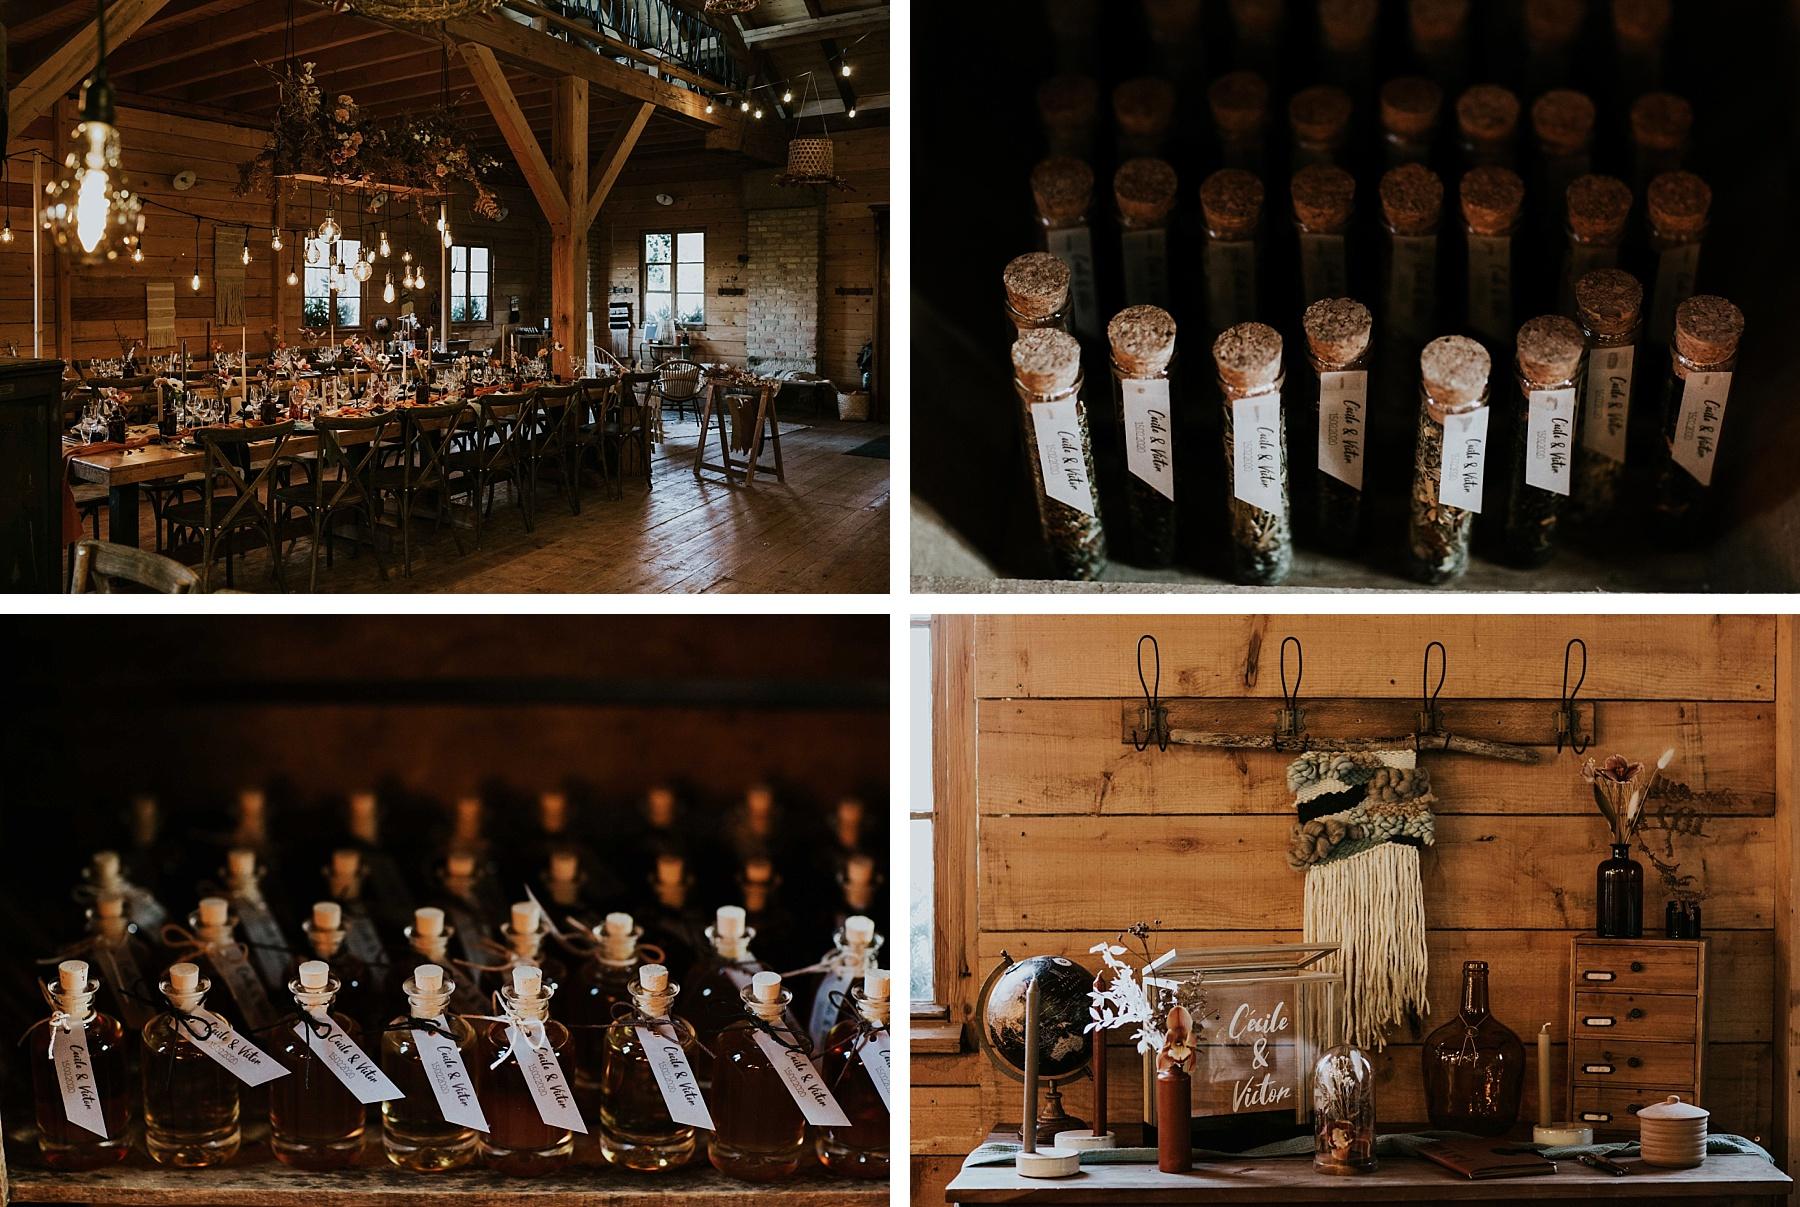 mariage hiver drille alsace cadeaux invités